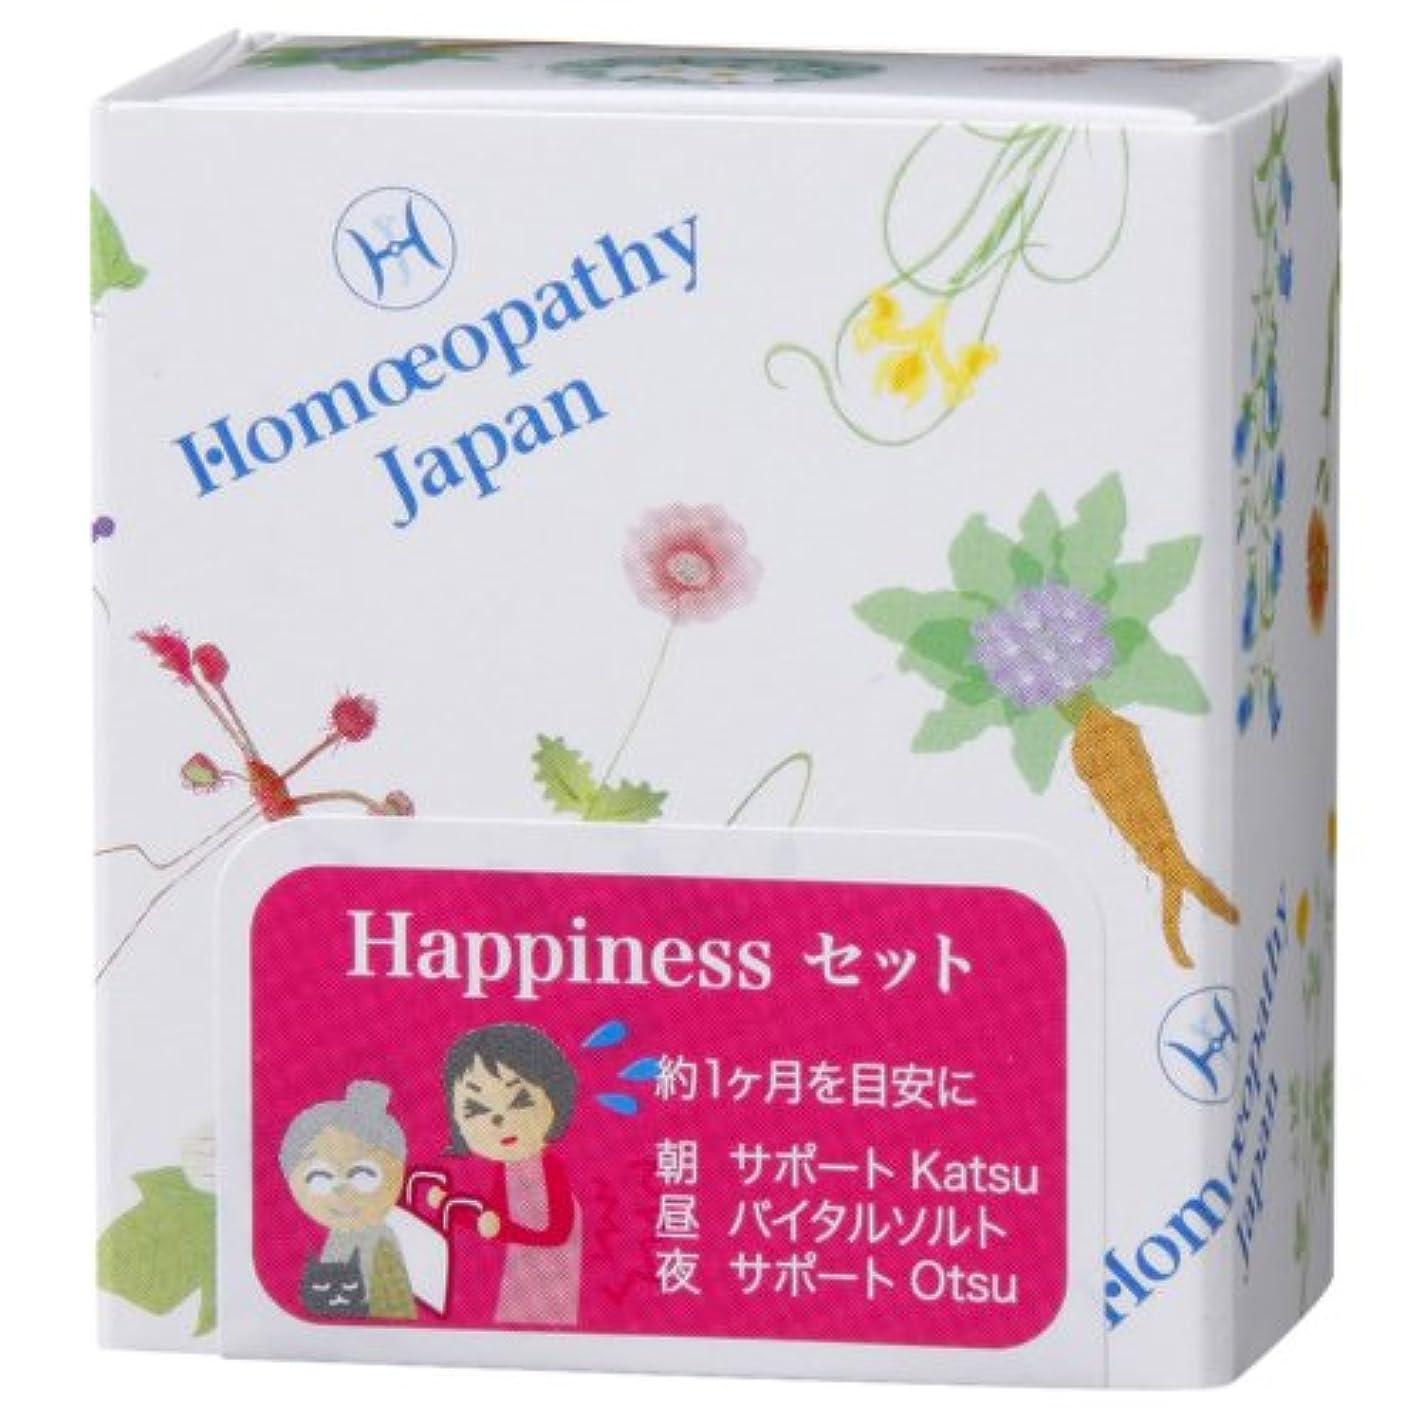 セメント天国ステートメントホメオパシージャパンレメディー Happinessセット